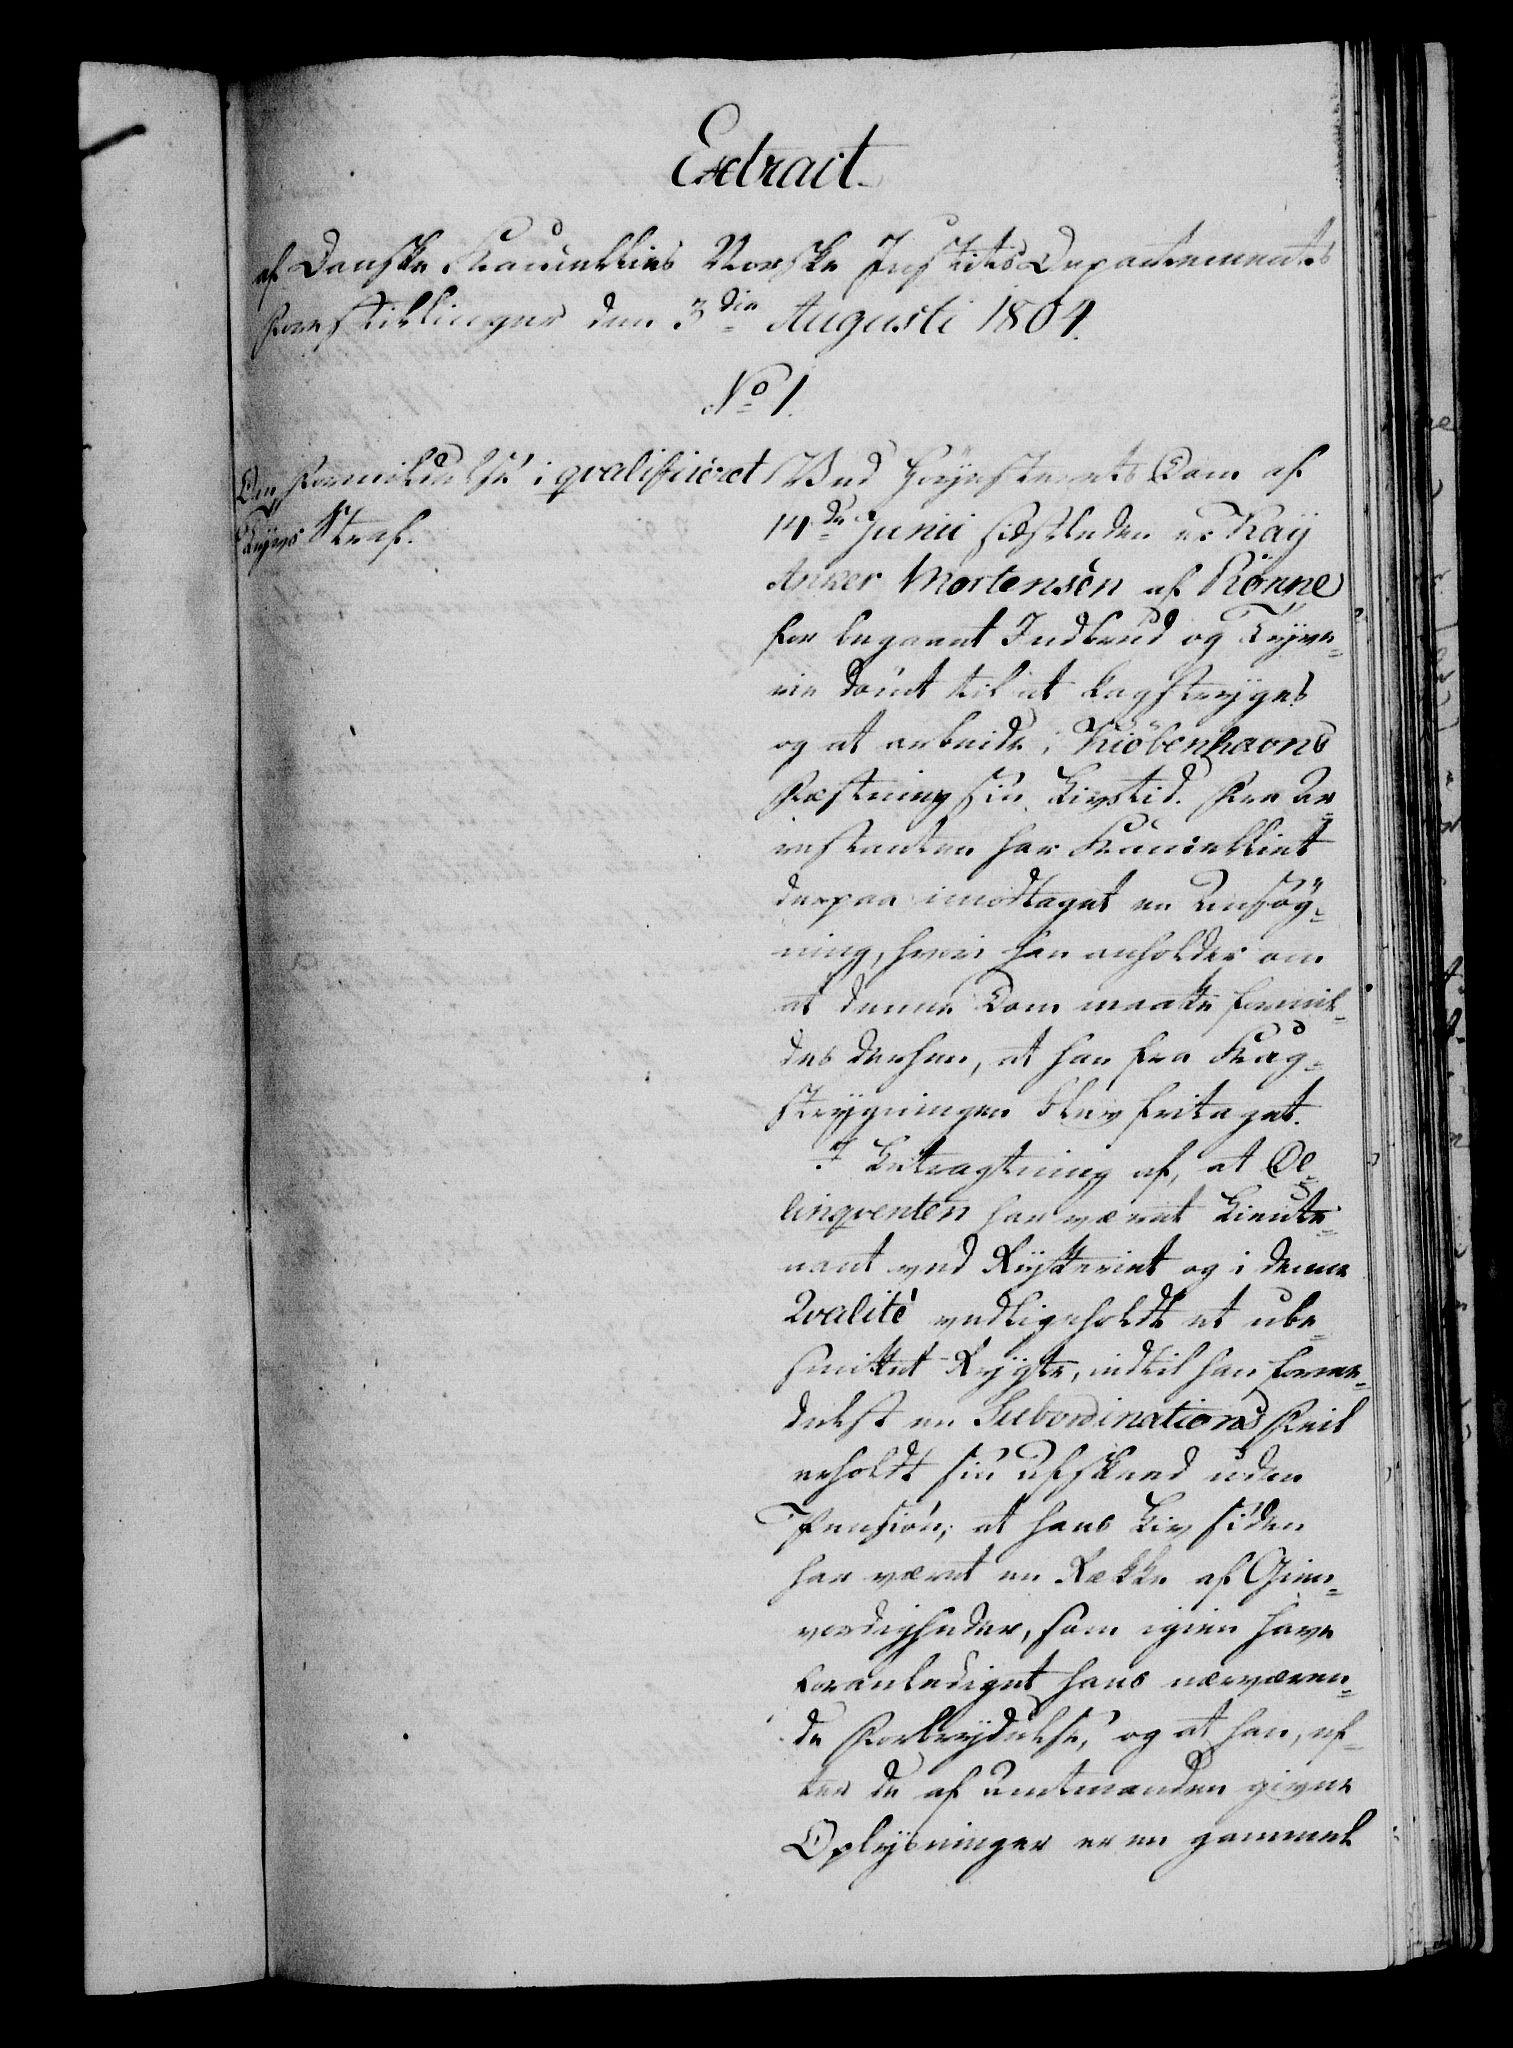 RA, Danske Kanselli 1800-1814, H/Hf/Hfa/Hfaa/L0005: Ekstrakt av forestillinger, 1804